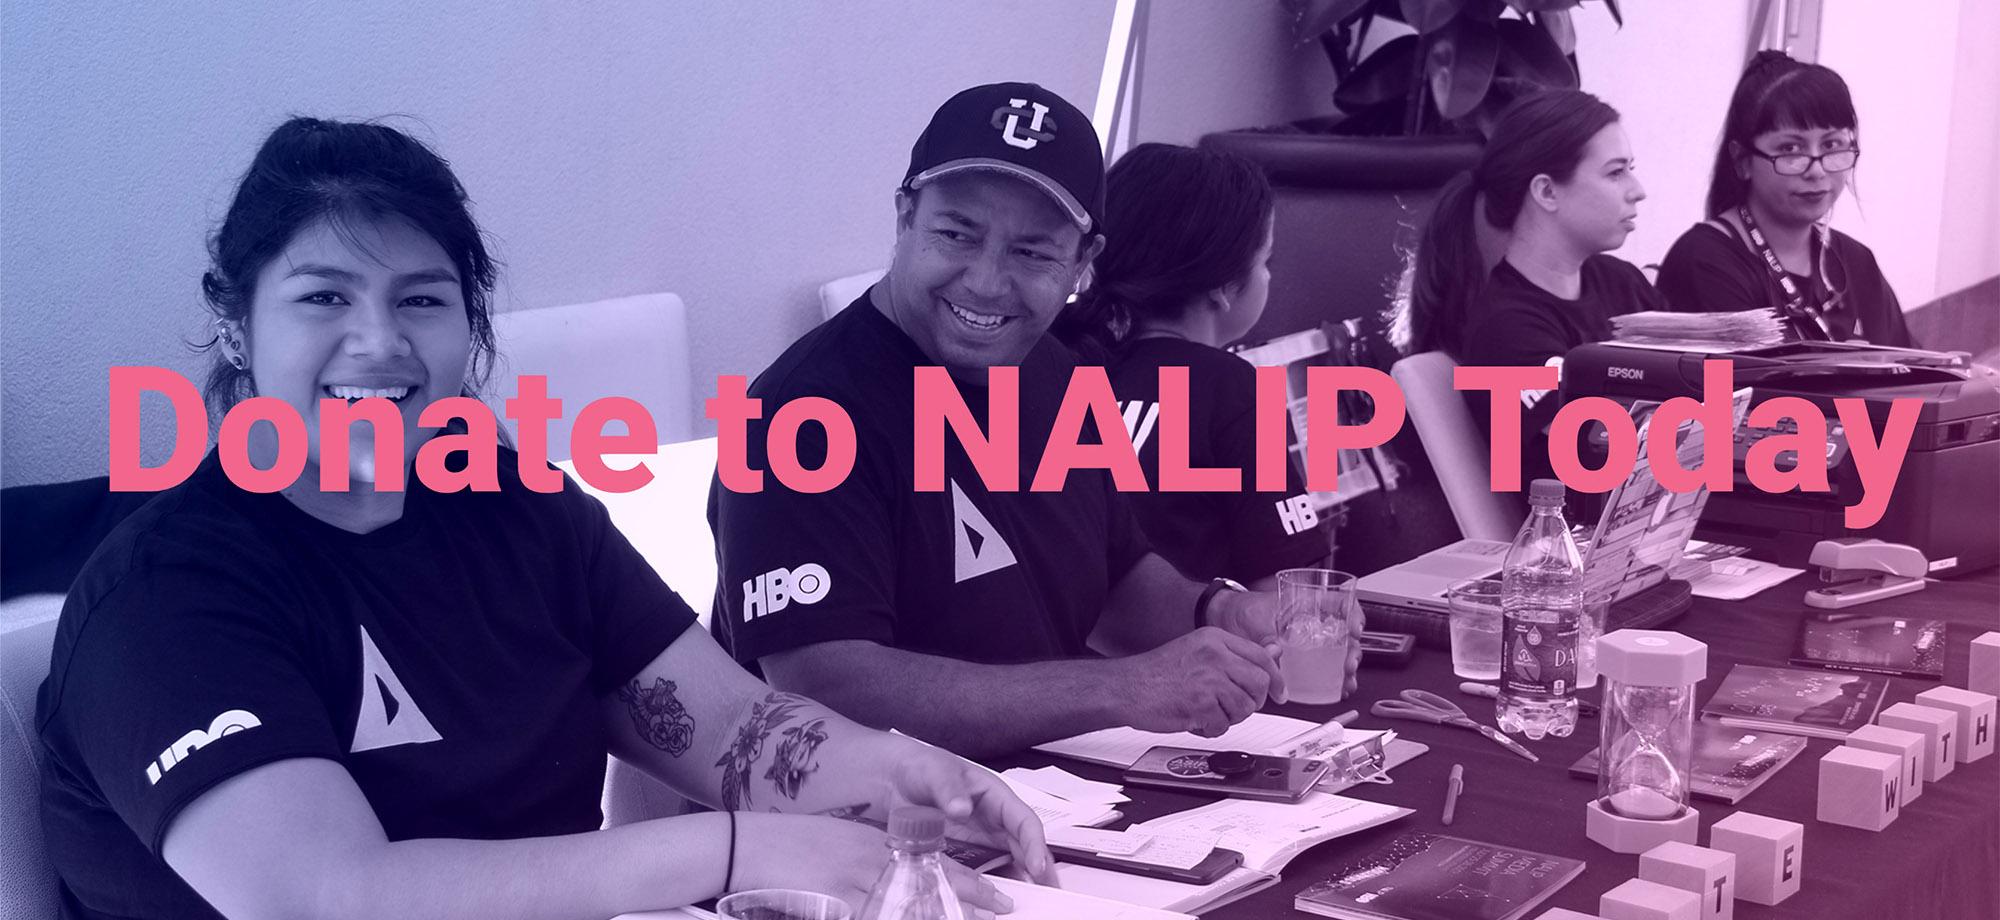 Donate to NALIP